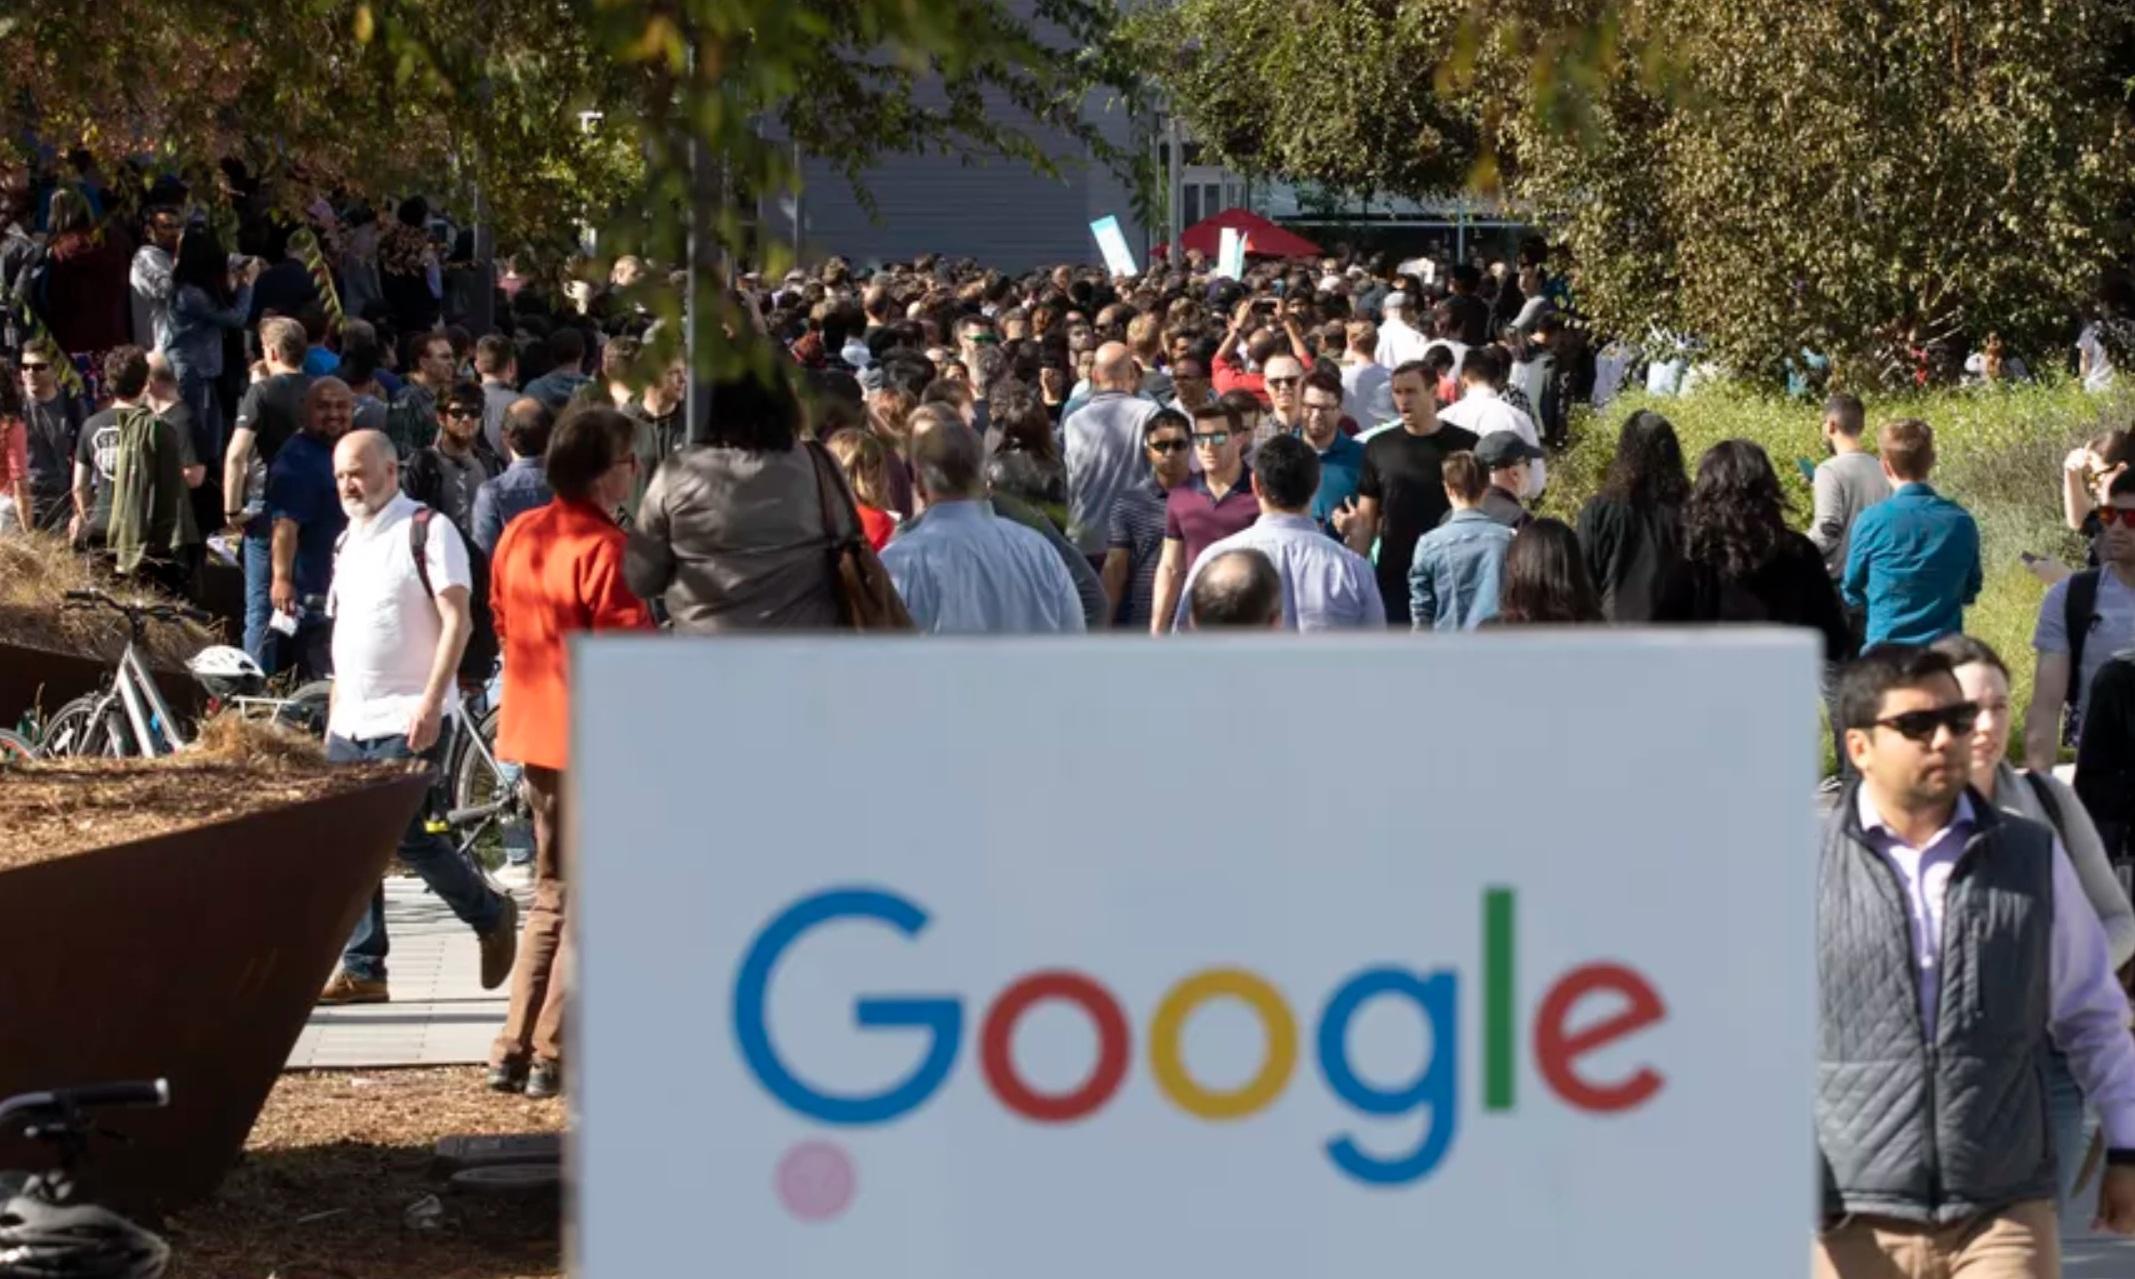 تصاویری از راهپیمایی کارکنان گوگل به دلیل رسواییهای اخیر - 5